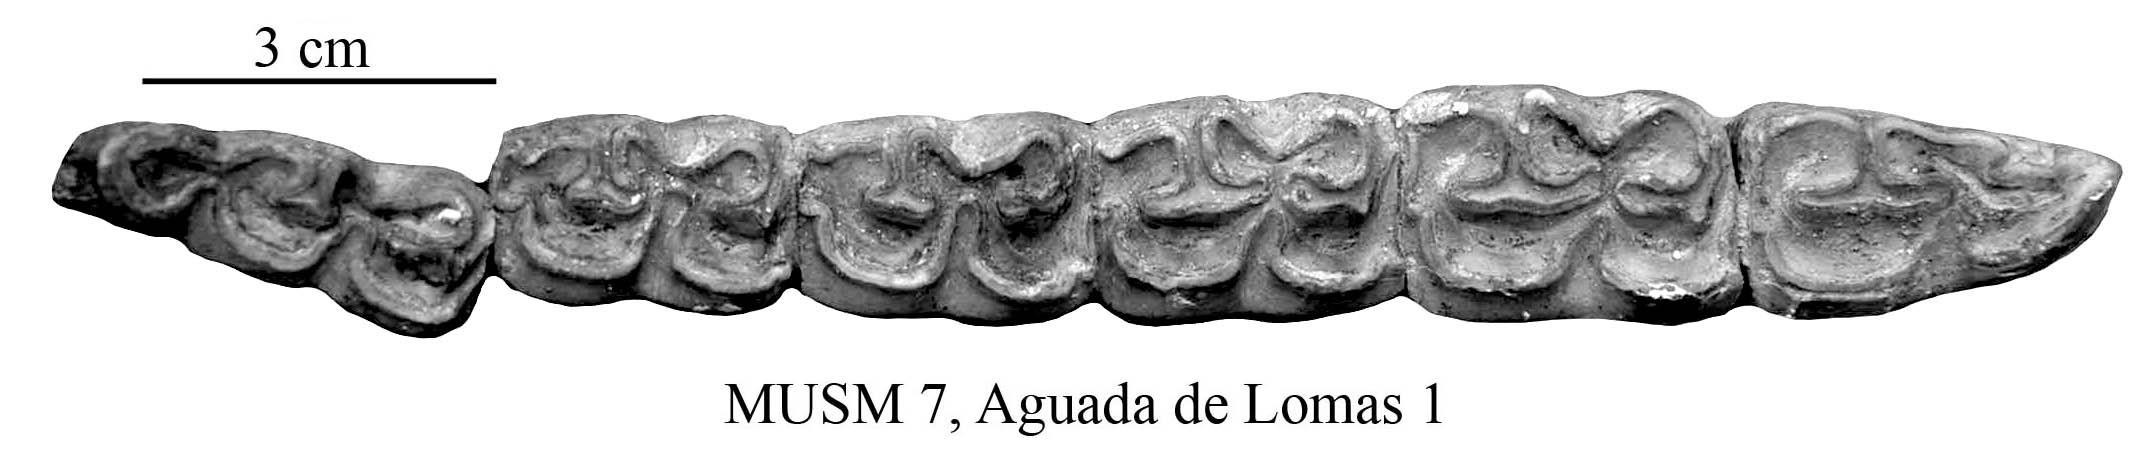 Equus Amerhipus Insulatus From Peru MUSM 7 Cranium And